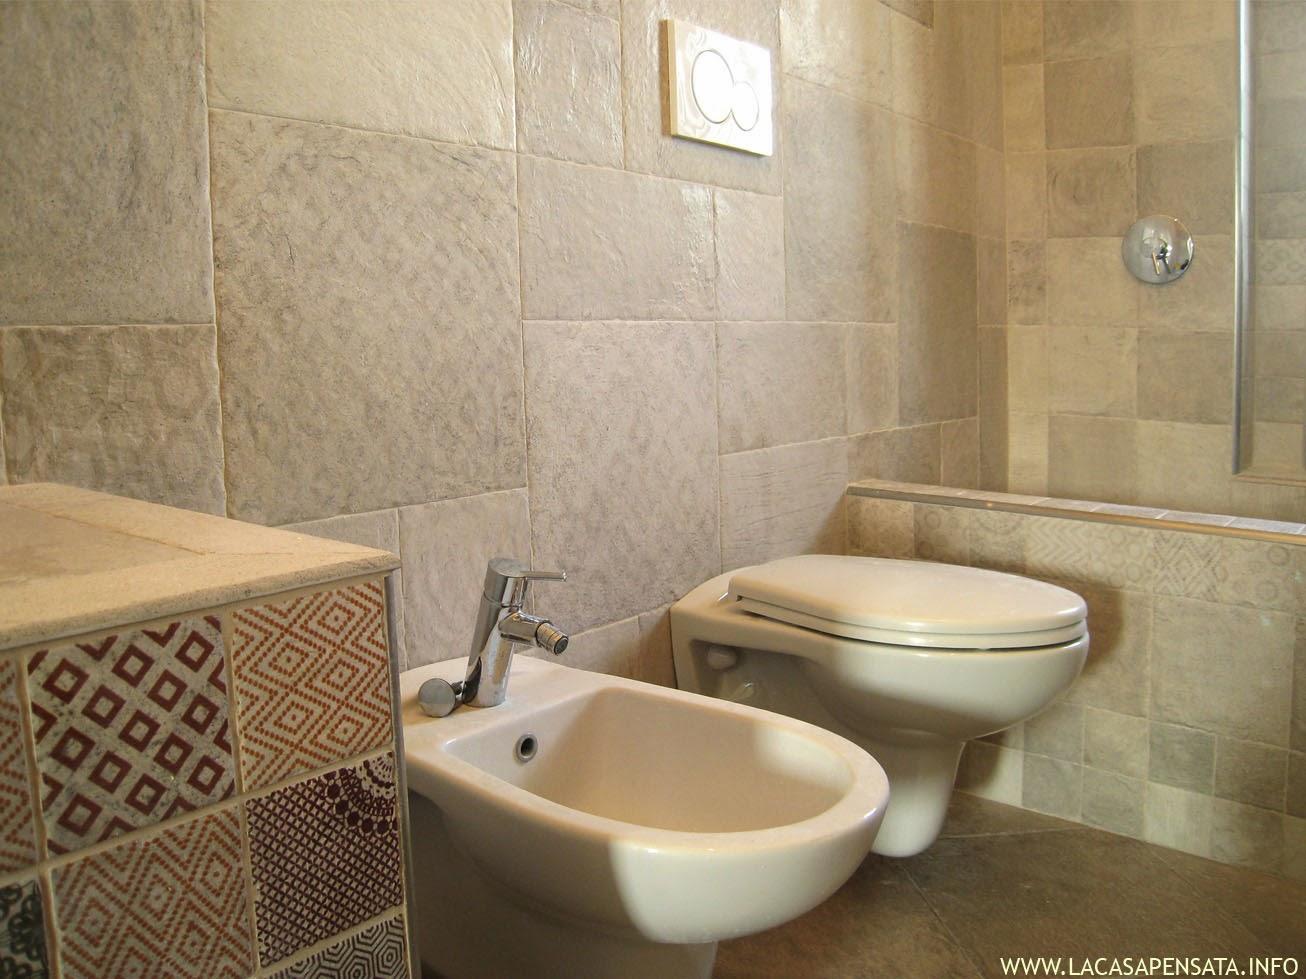 Conviene ristrutturare una casa vecchia o comprarla nuova - Ristrutturare il bagno ...